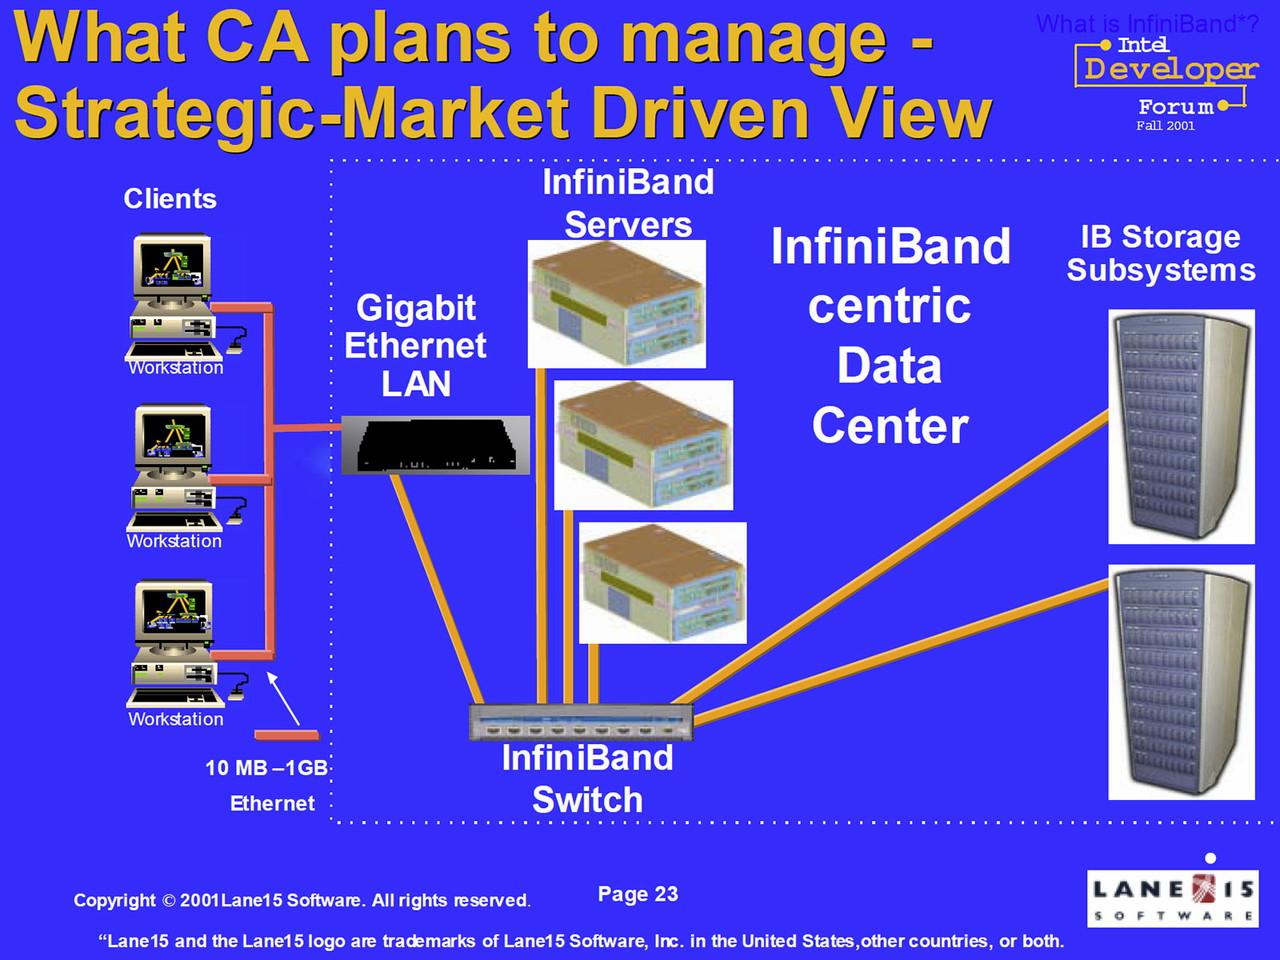 """出典はIDF 2001 FallにおけるCA(Computer Assosiates International)のMelvin Estrada氏による""""Manageability of Infiniband""""というセッション資料"""